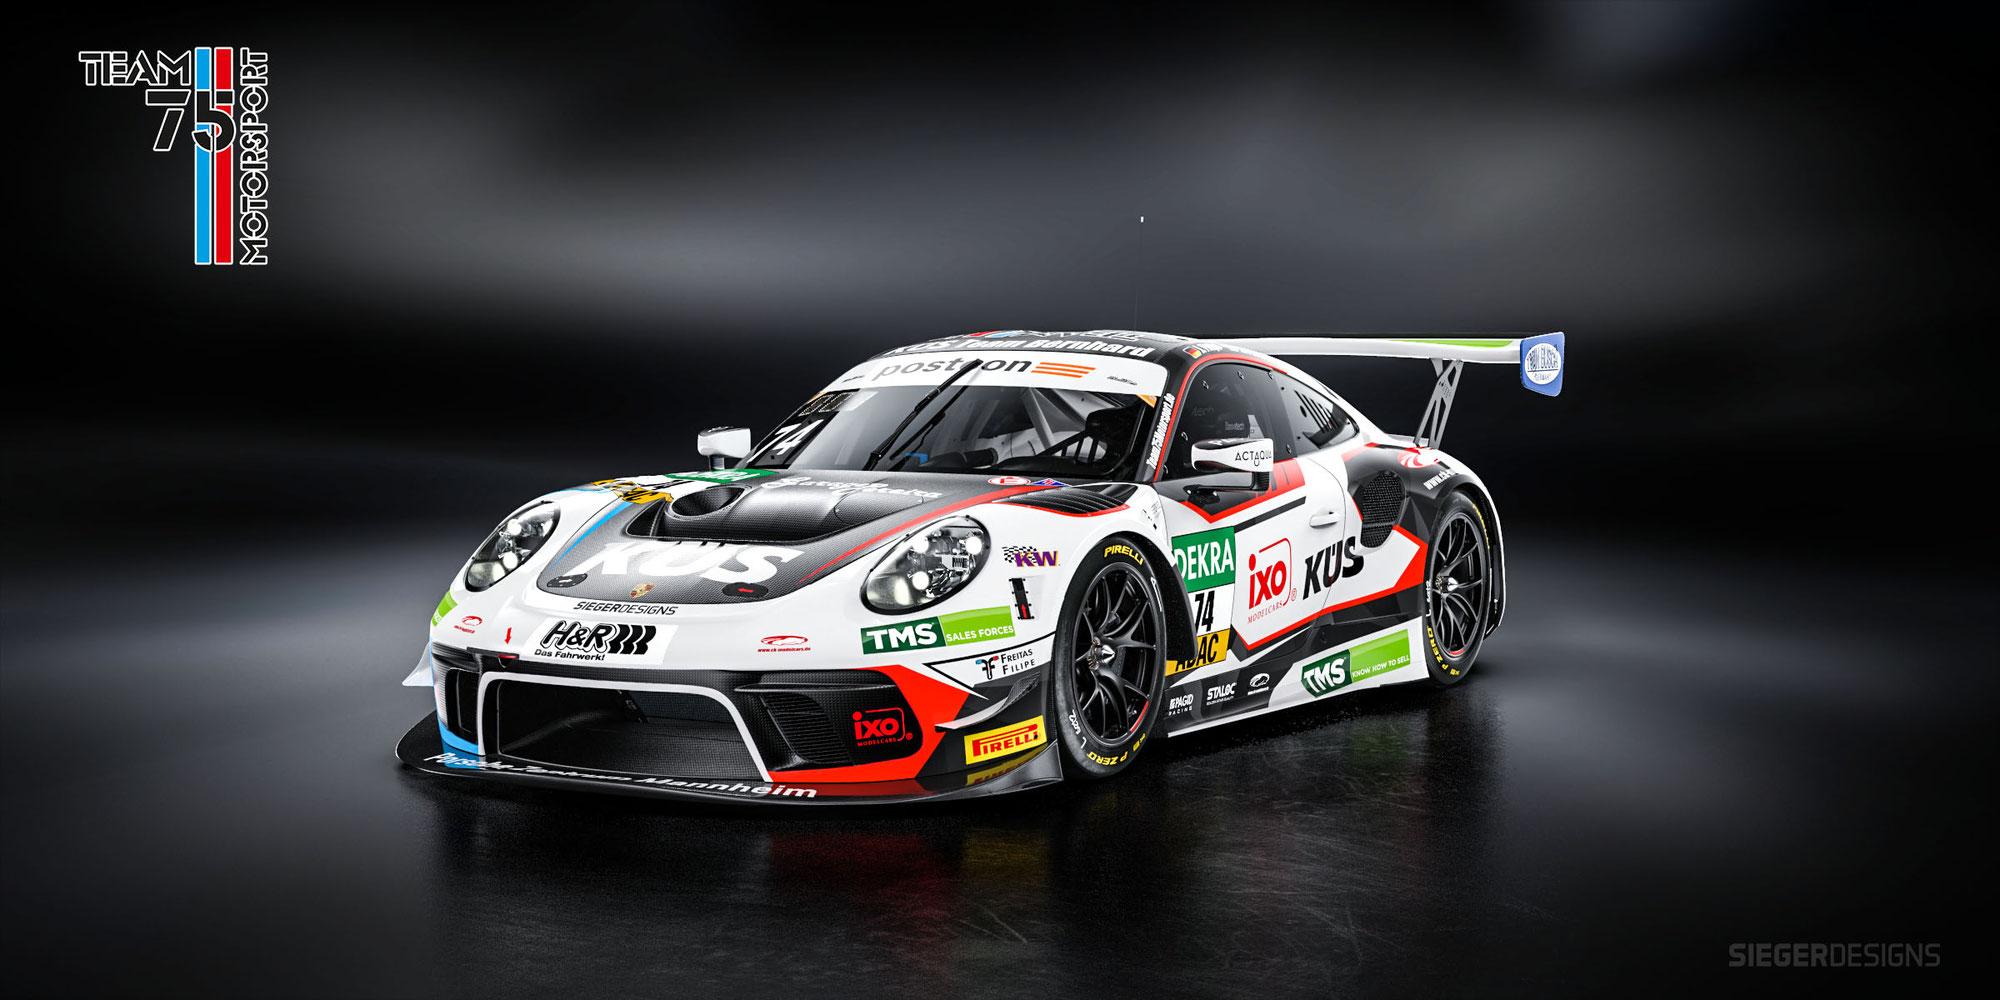 Porsche-Spezialisten im zweiten 911 GT3 R des Küs Team Bernhard